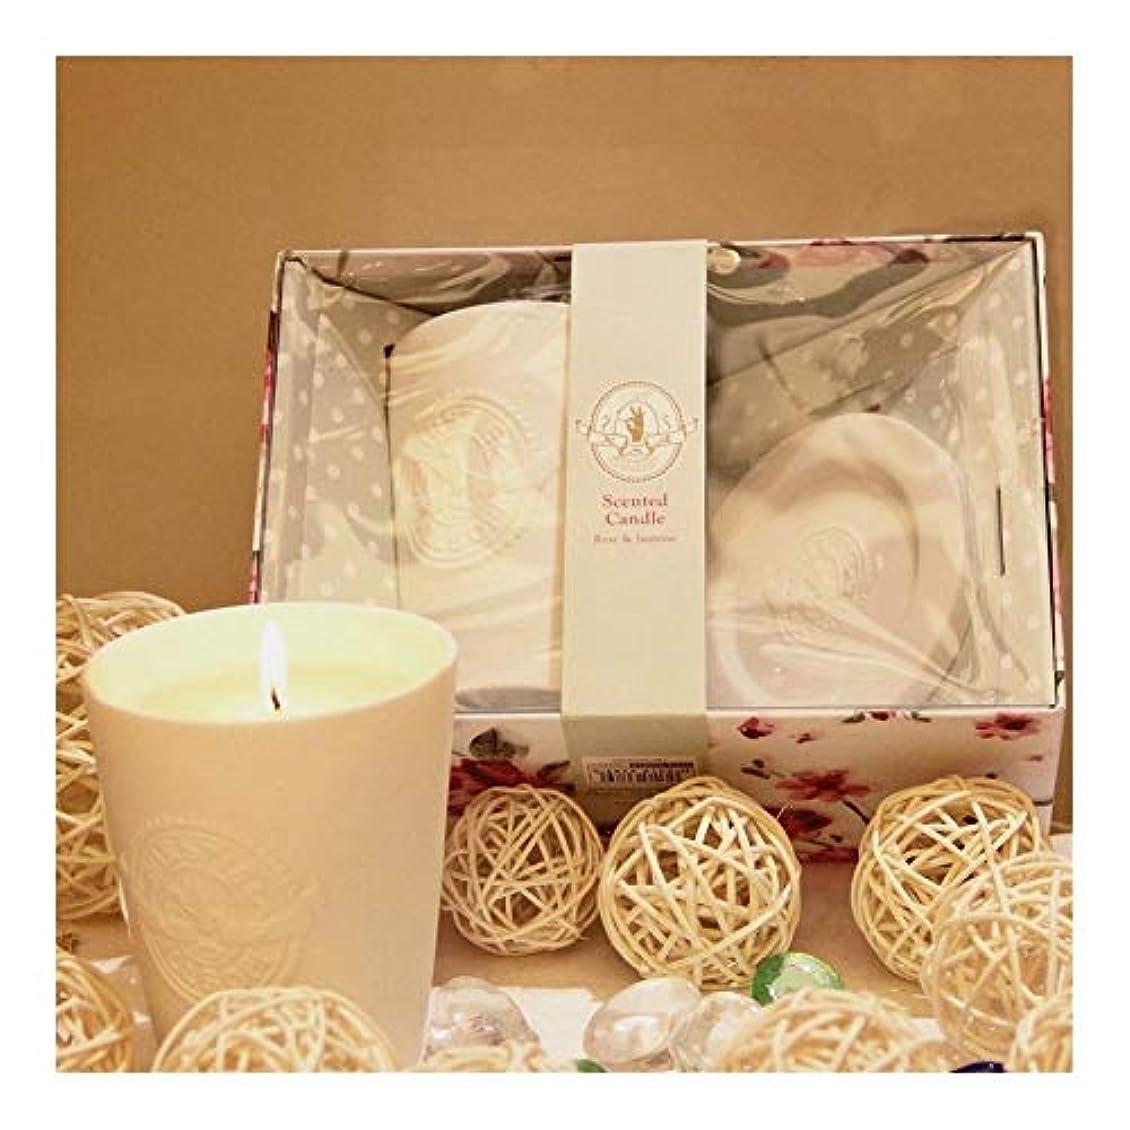 期待してコンバーチブルアクチュエータGuomao 白い陶器のガラス、ワックス、香料入りの蝋燭、屋内臭気の蝋燭